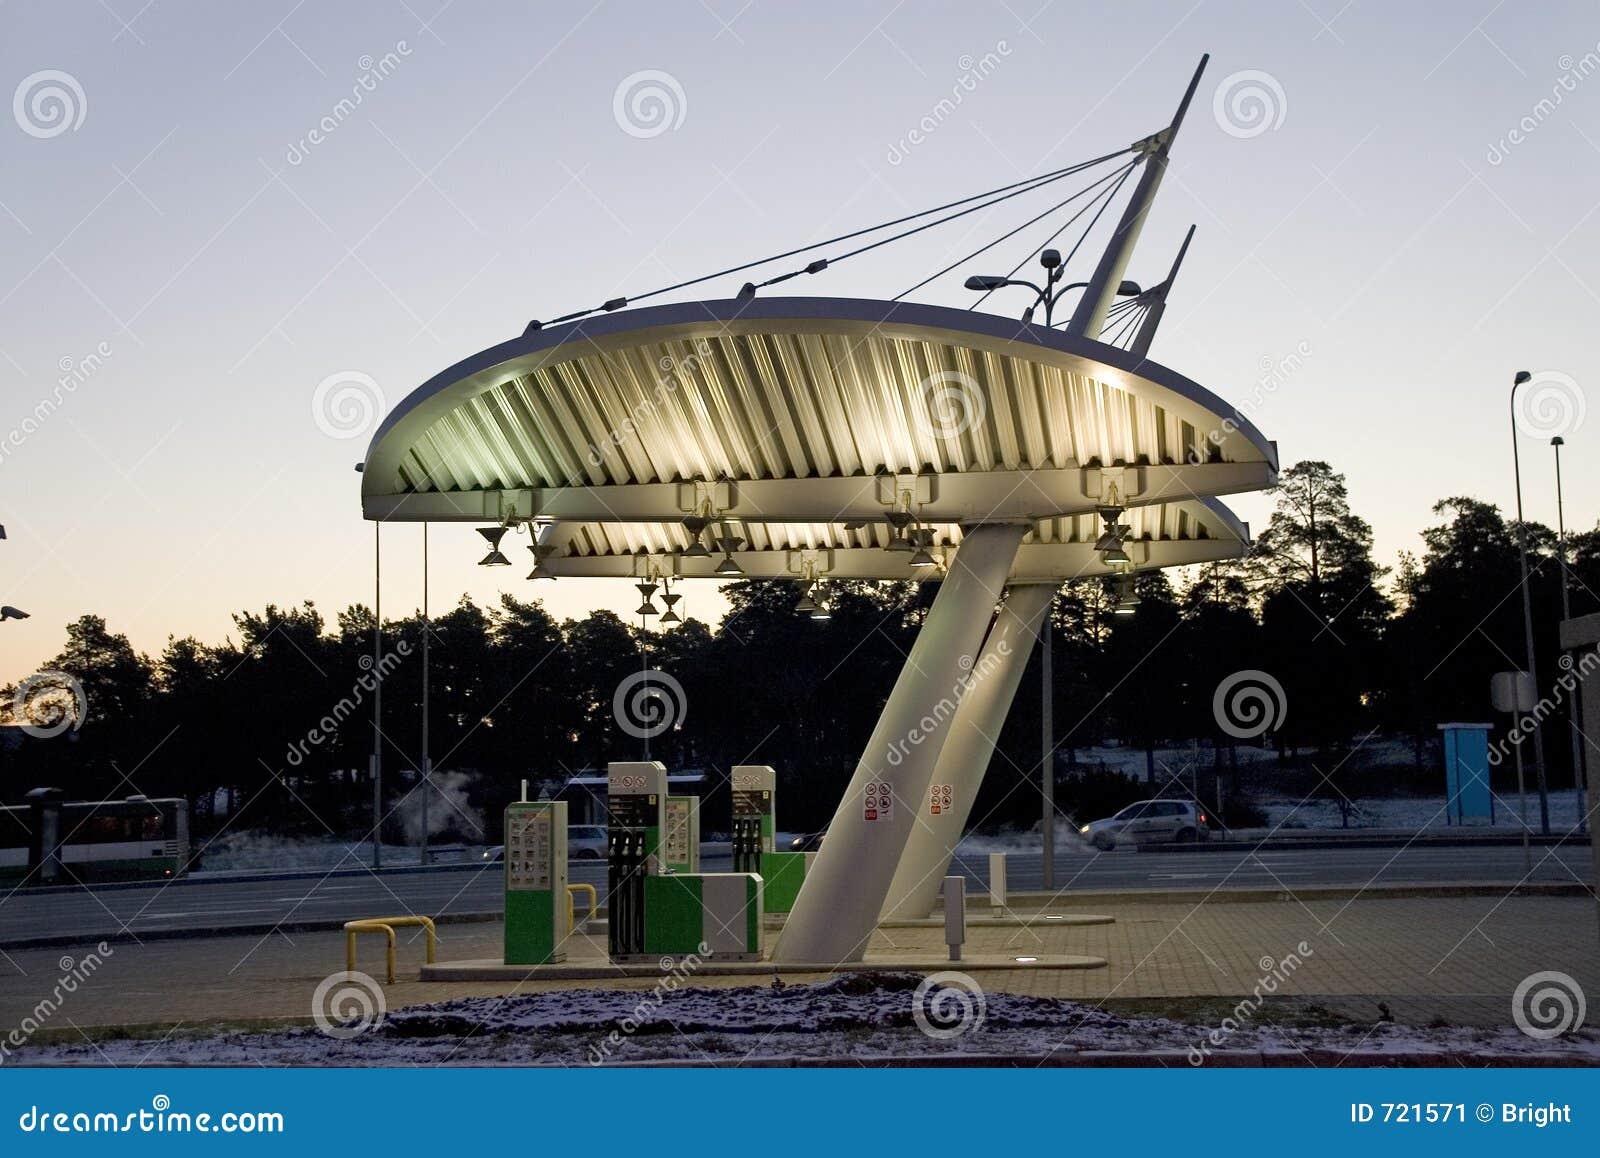 Station service